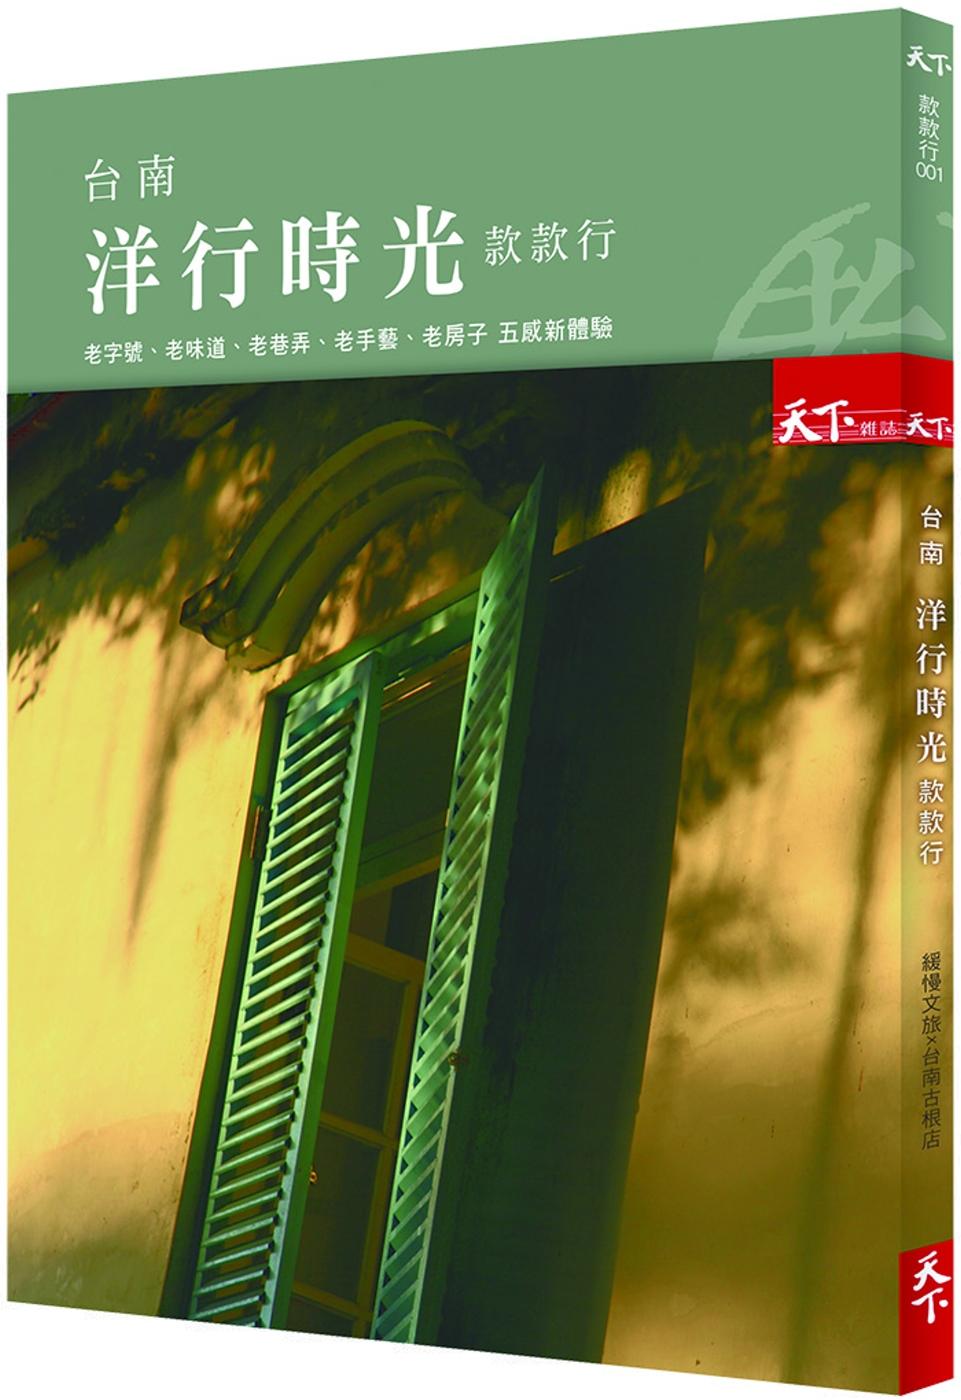 台南洋行時光款款行:老字號、老味道、老巷弄、老手藝、老房子 五感新體驗